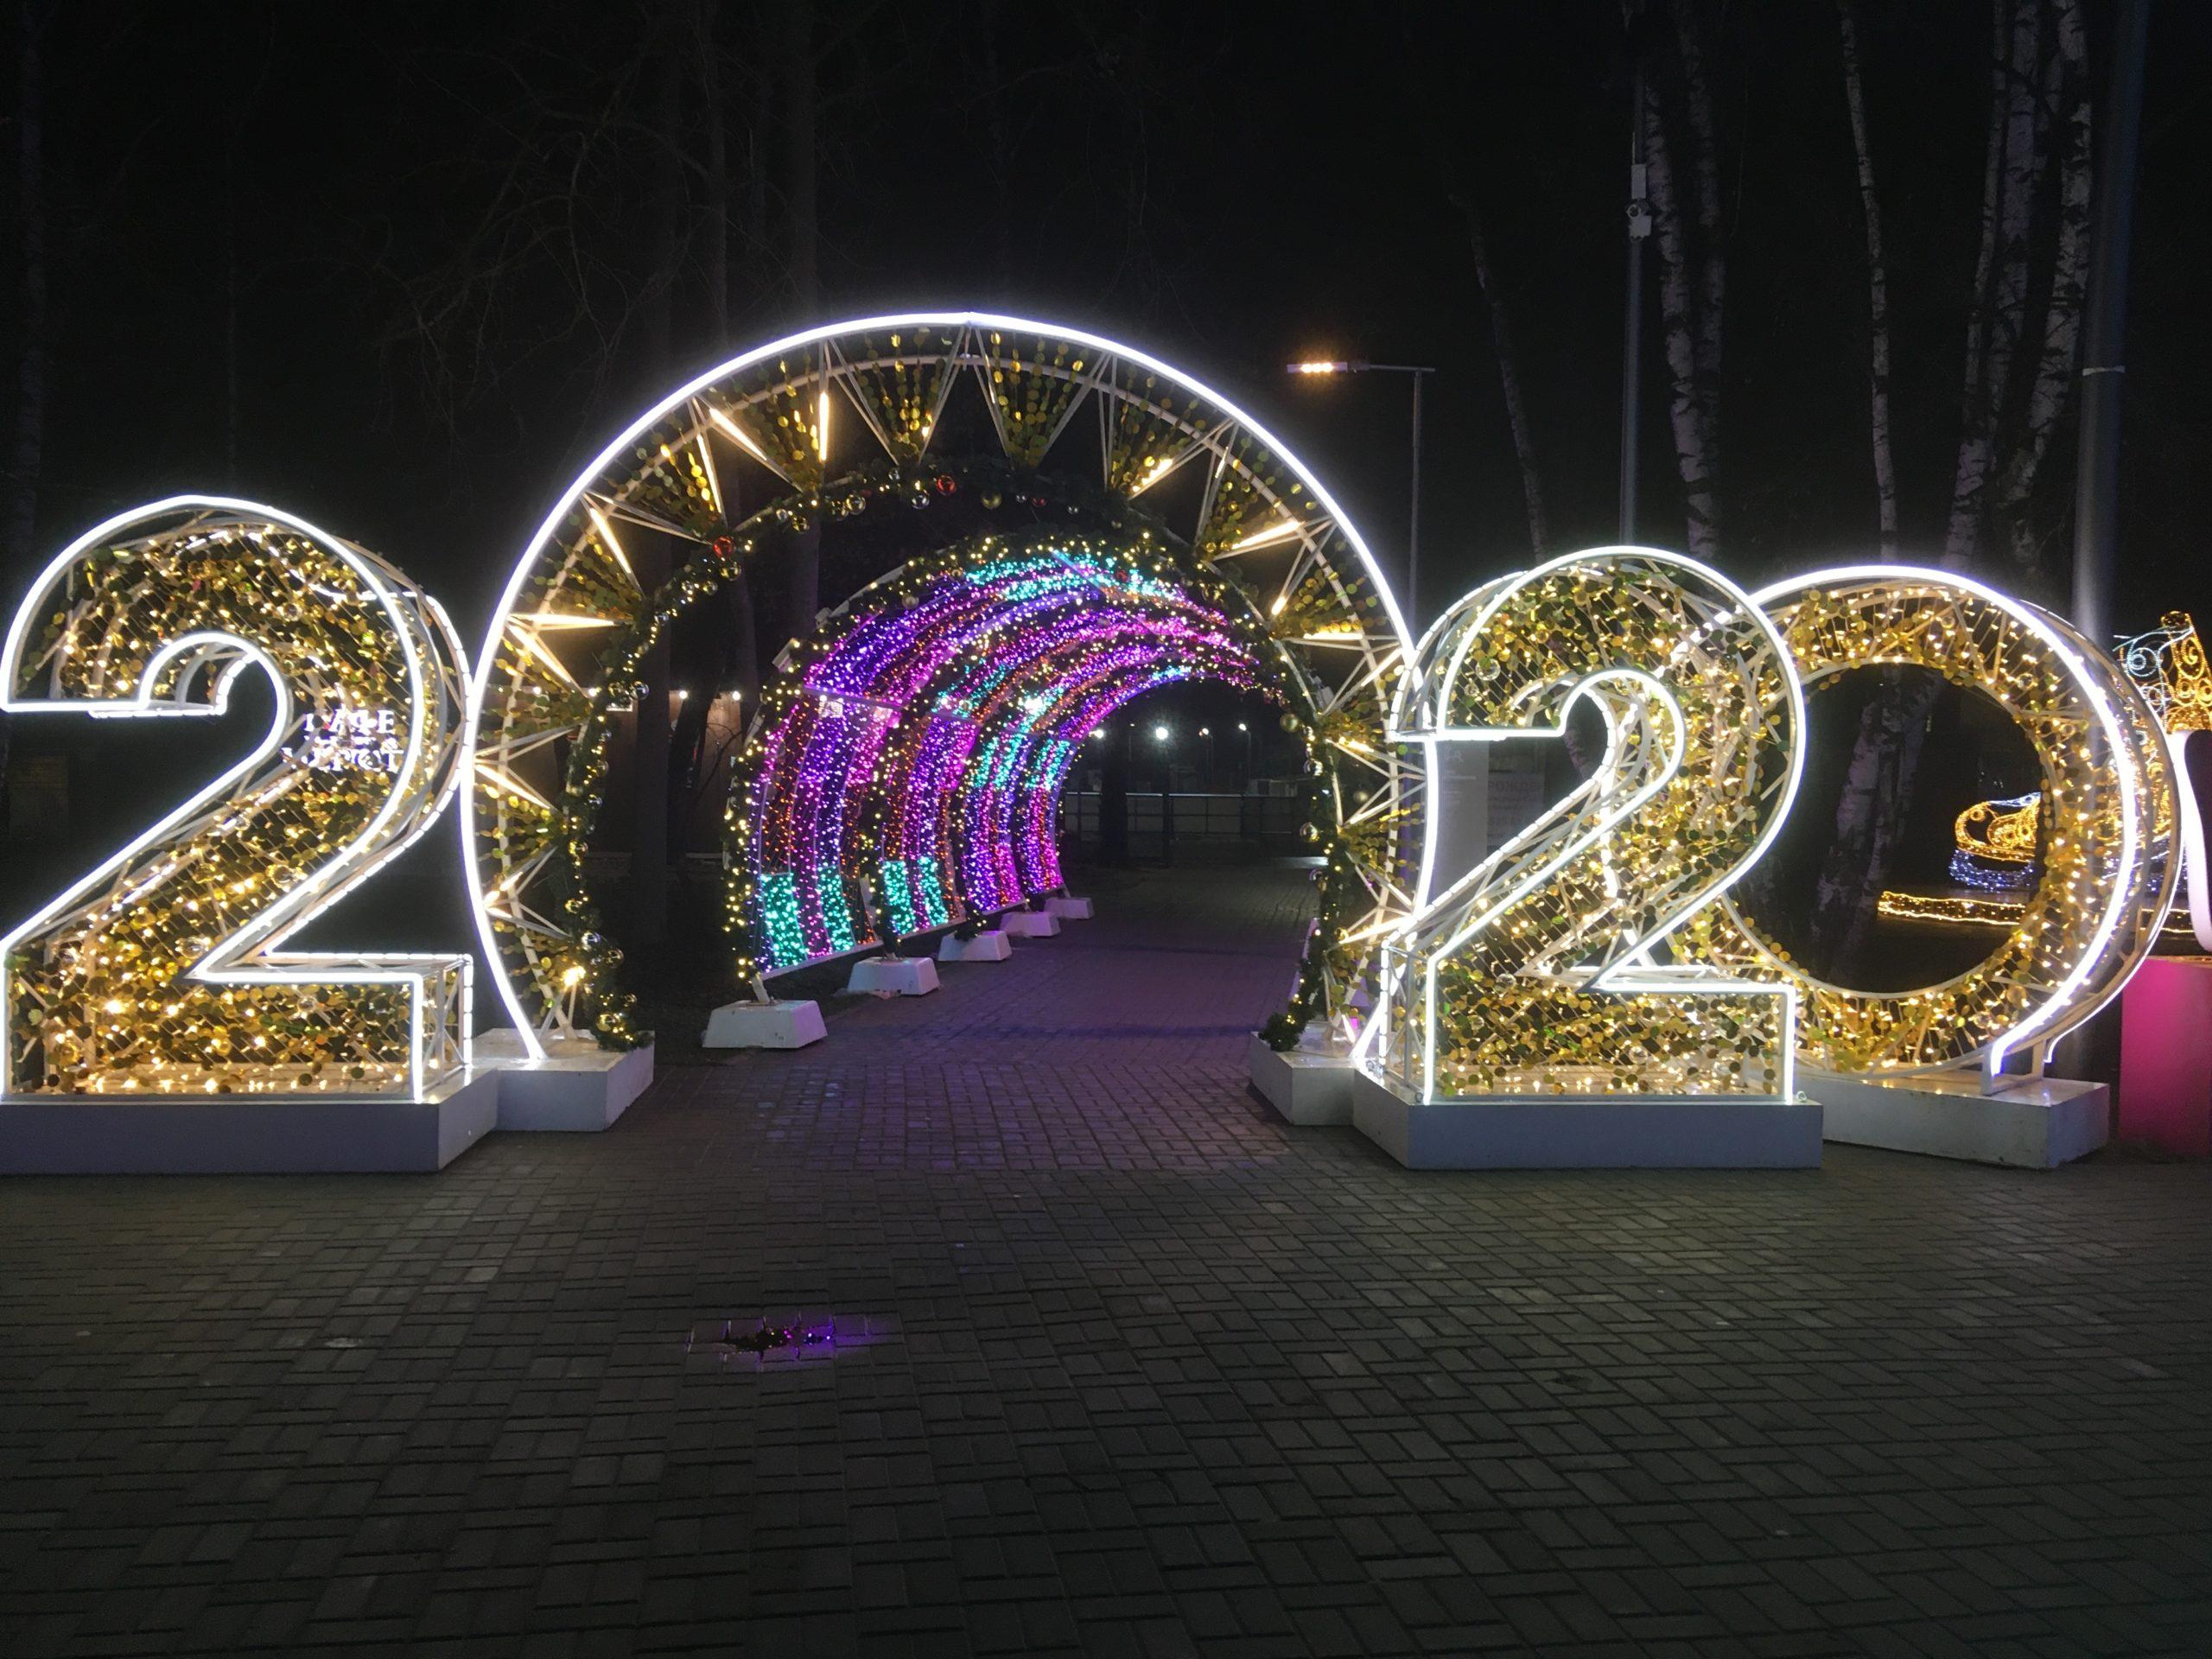 Фото новый год 2020 надпись Кузьминский парк